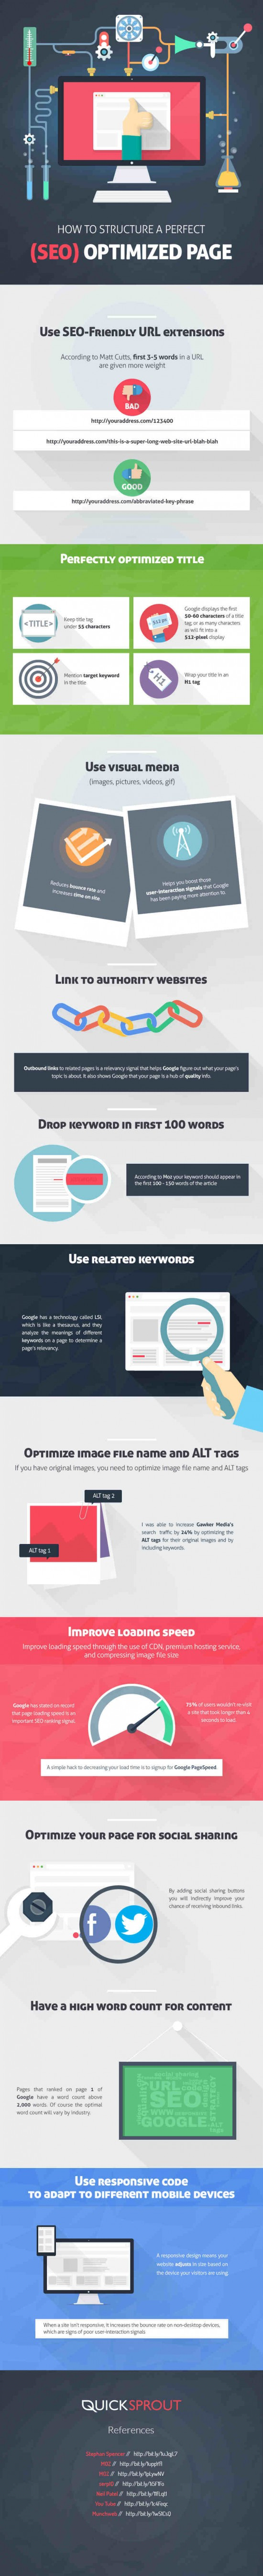 Cómo estructurar una página perfecta para el SEO #Infografía